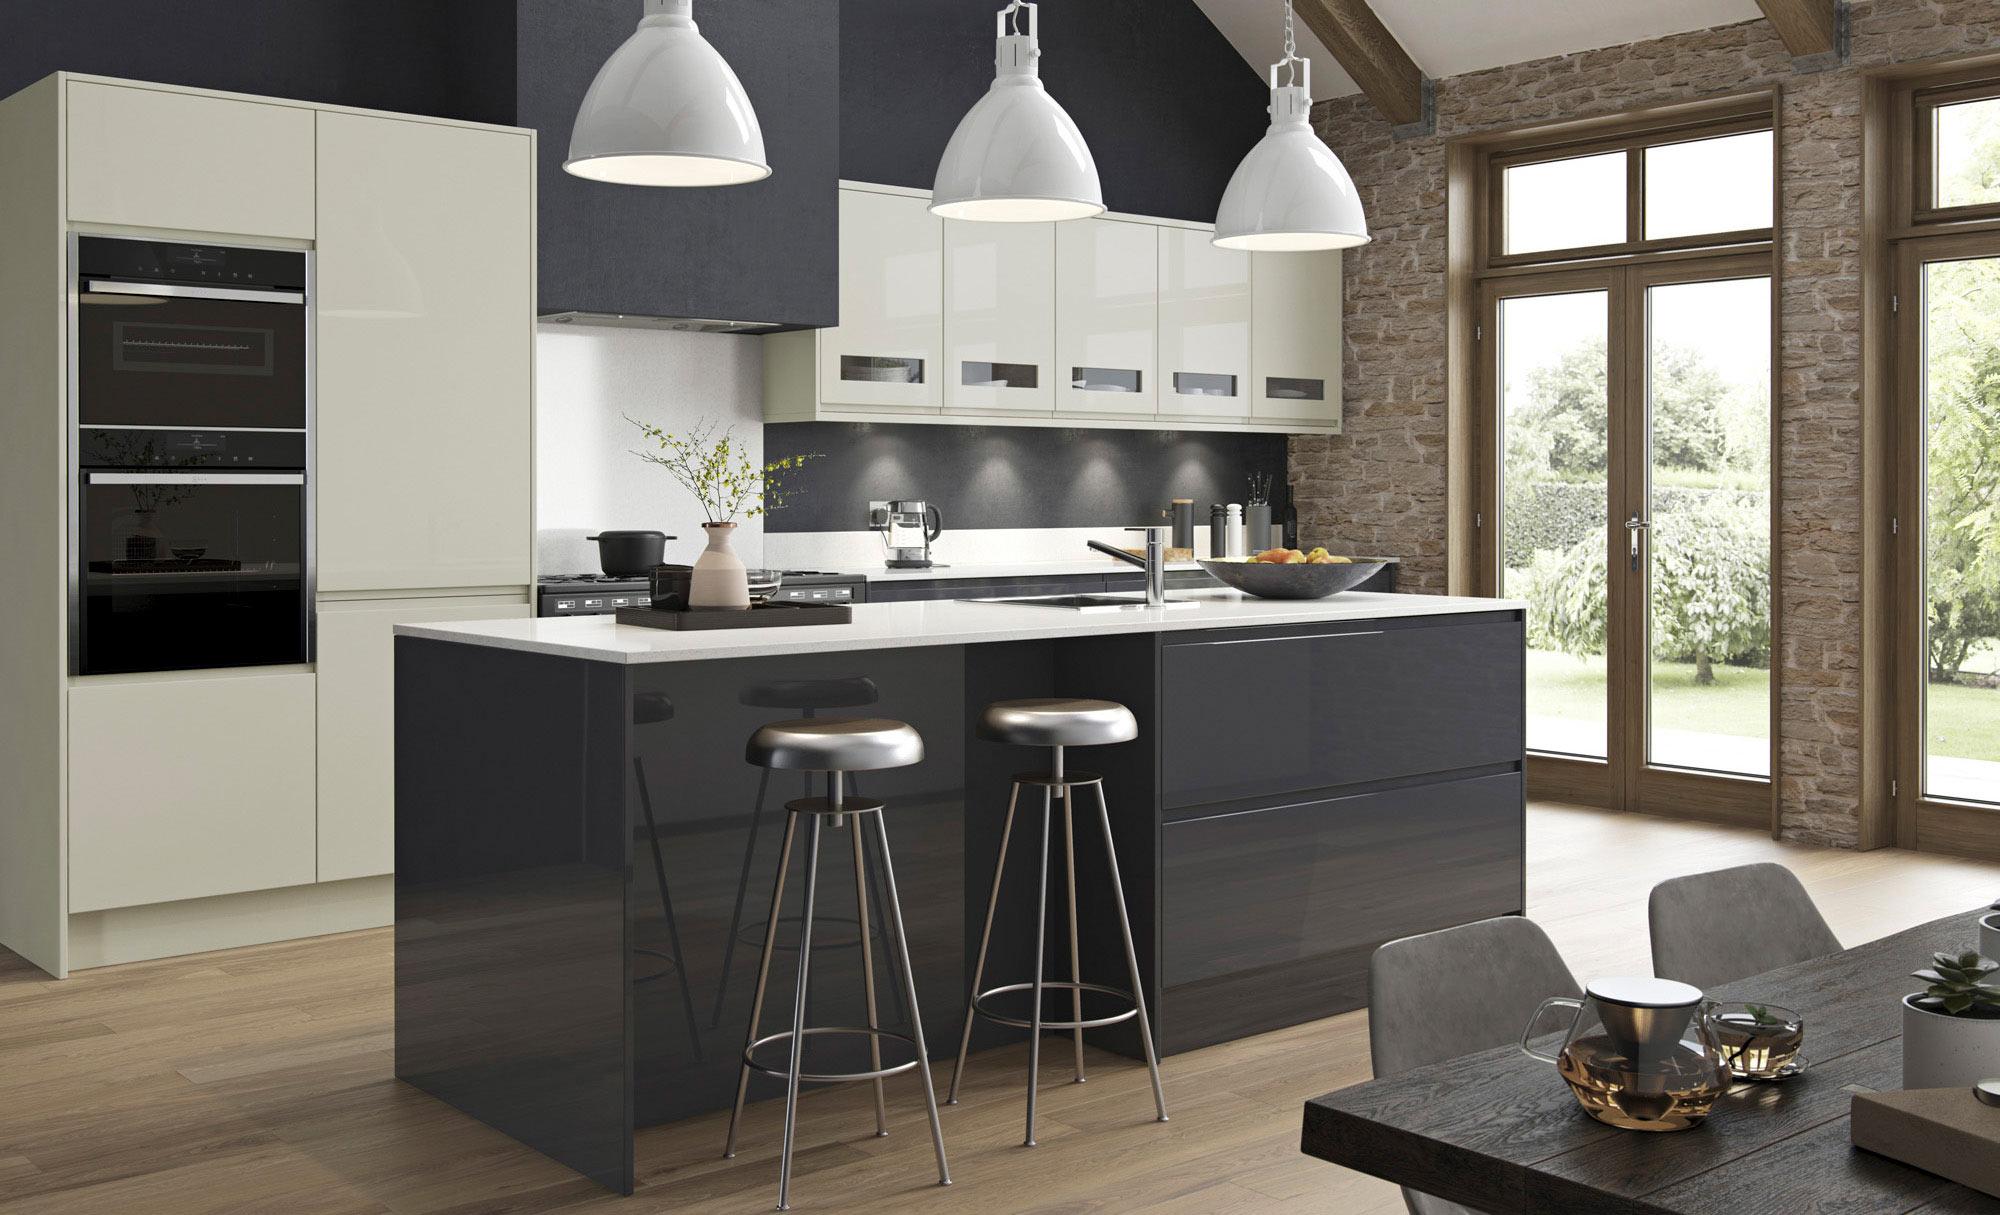 Uform Strada Gloss Porcelain & Graphite  Kitchen